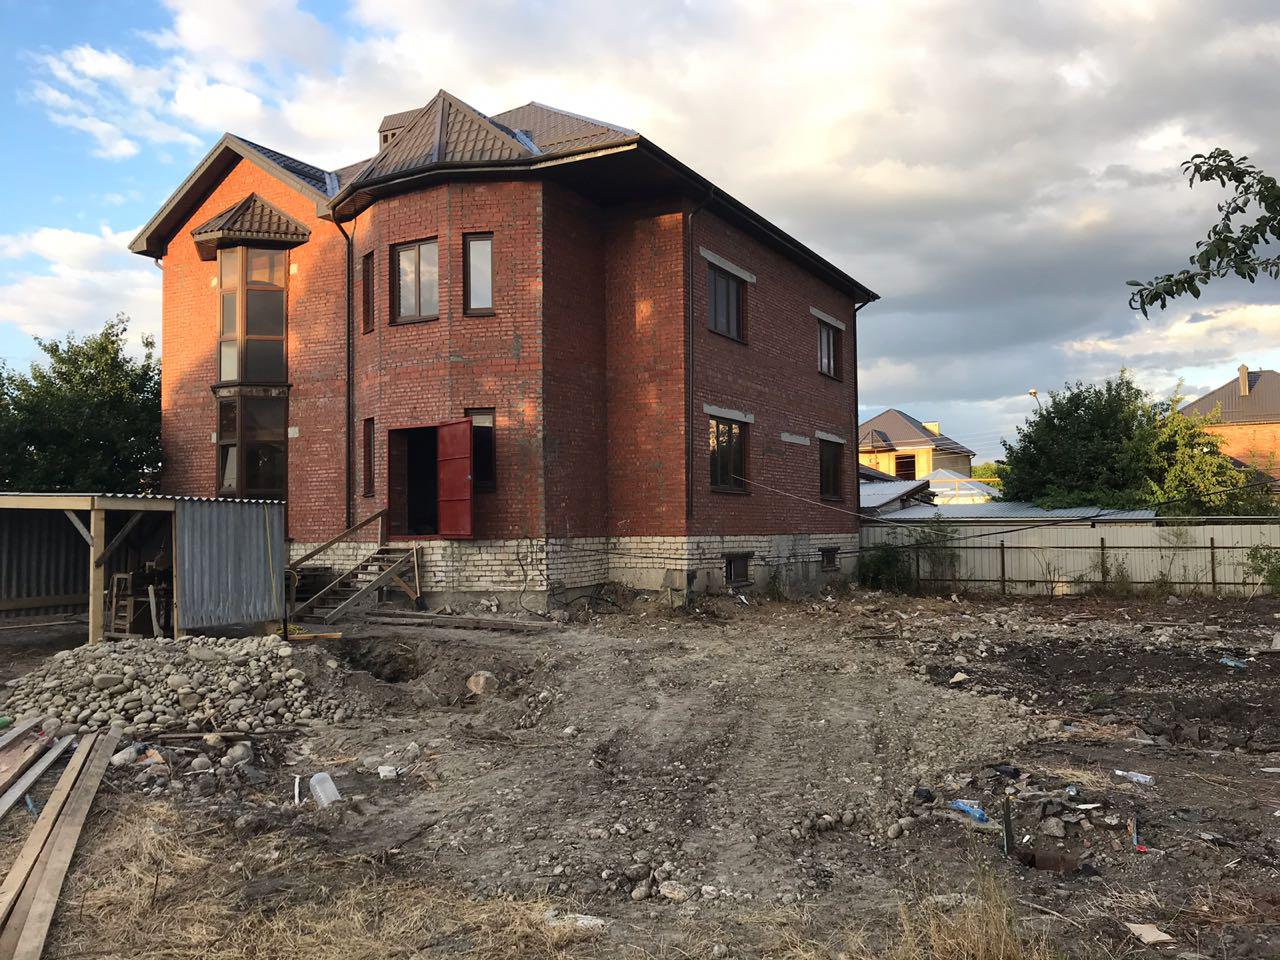 Cottage in Cherkessk. in 3d max vray 3.0 image